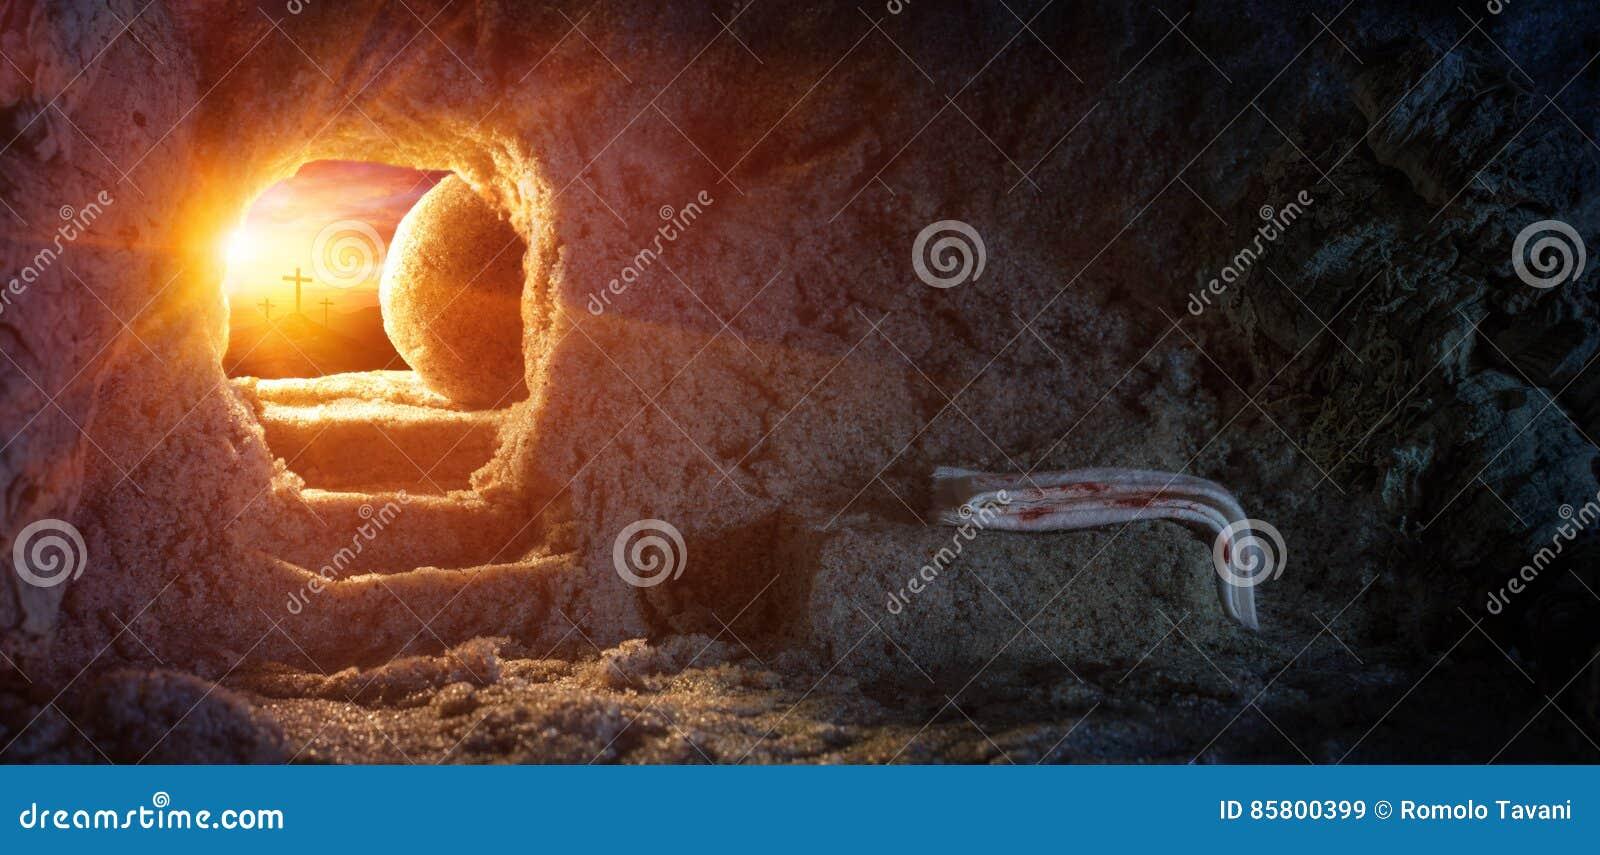 Graf Leeg met Sluier en Kruisiging bij Zonsopgang